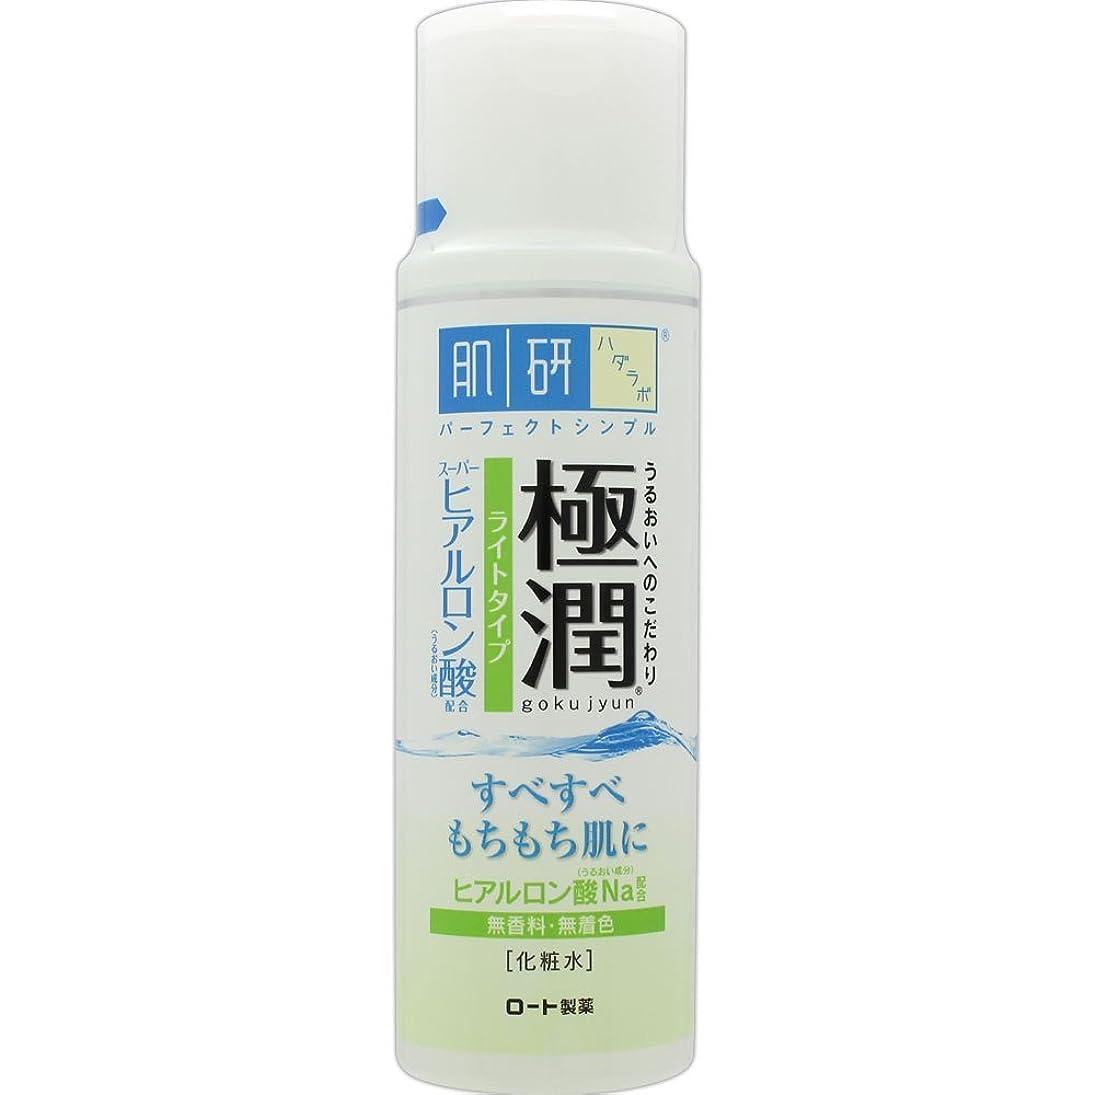 大宇宙乱れ花瓶肌研(ハダラボ) 極潤 ヒアルロン液 ライトタイプ 170mL